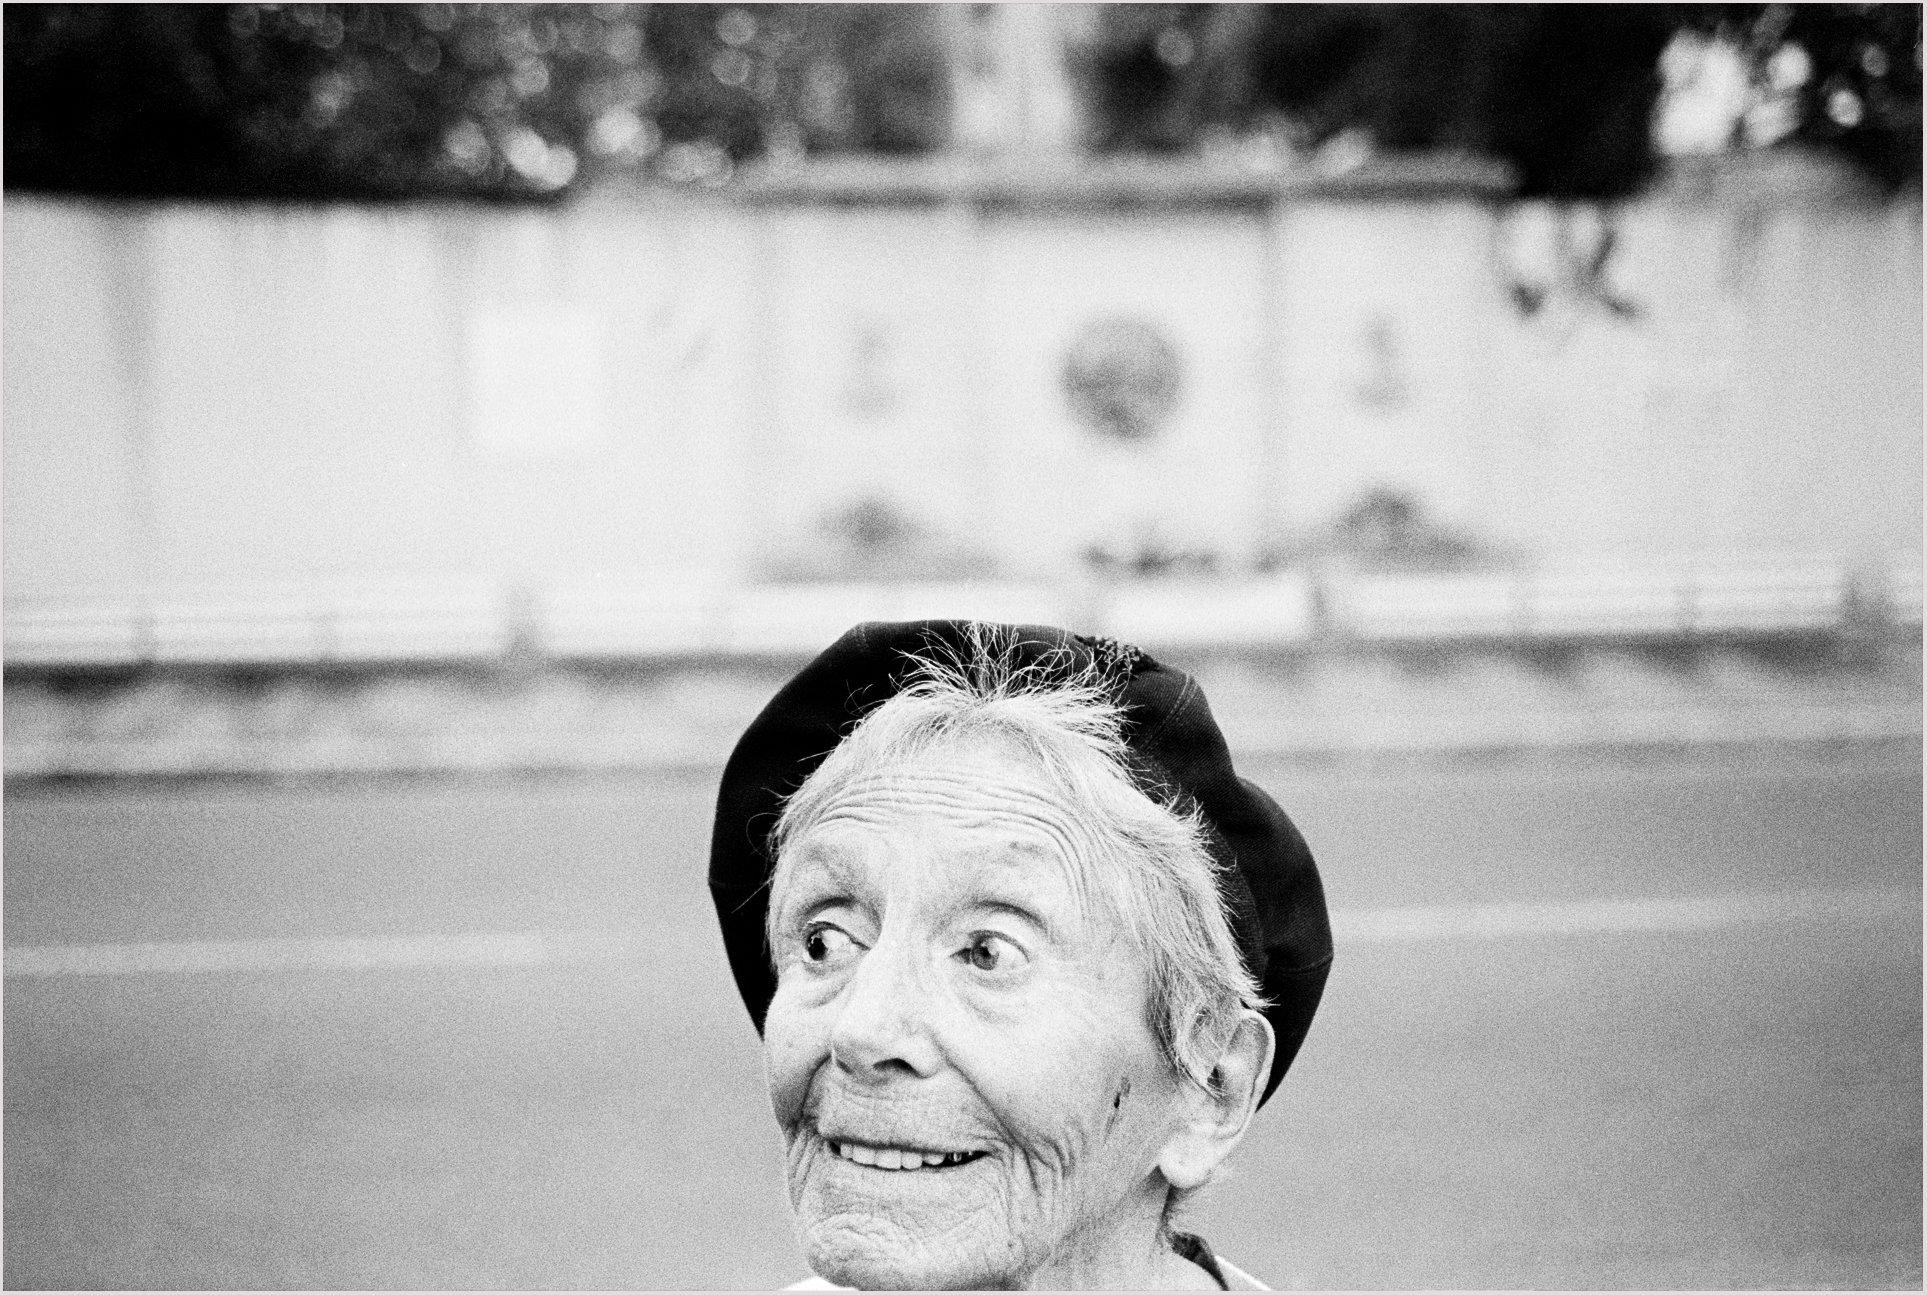 Perpignan First World War Woman, 2018